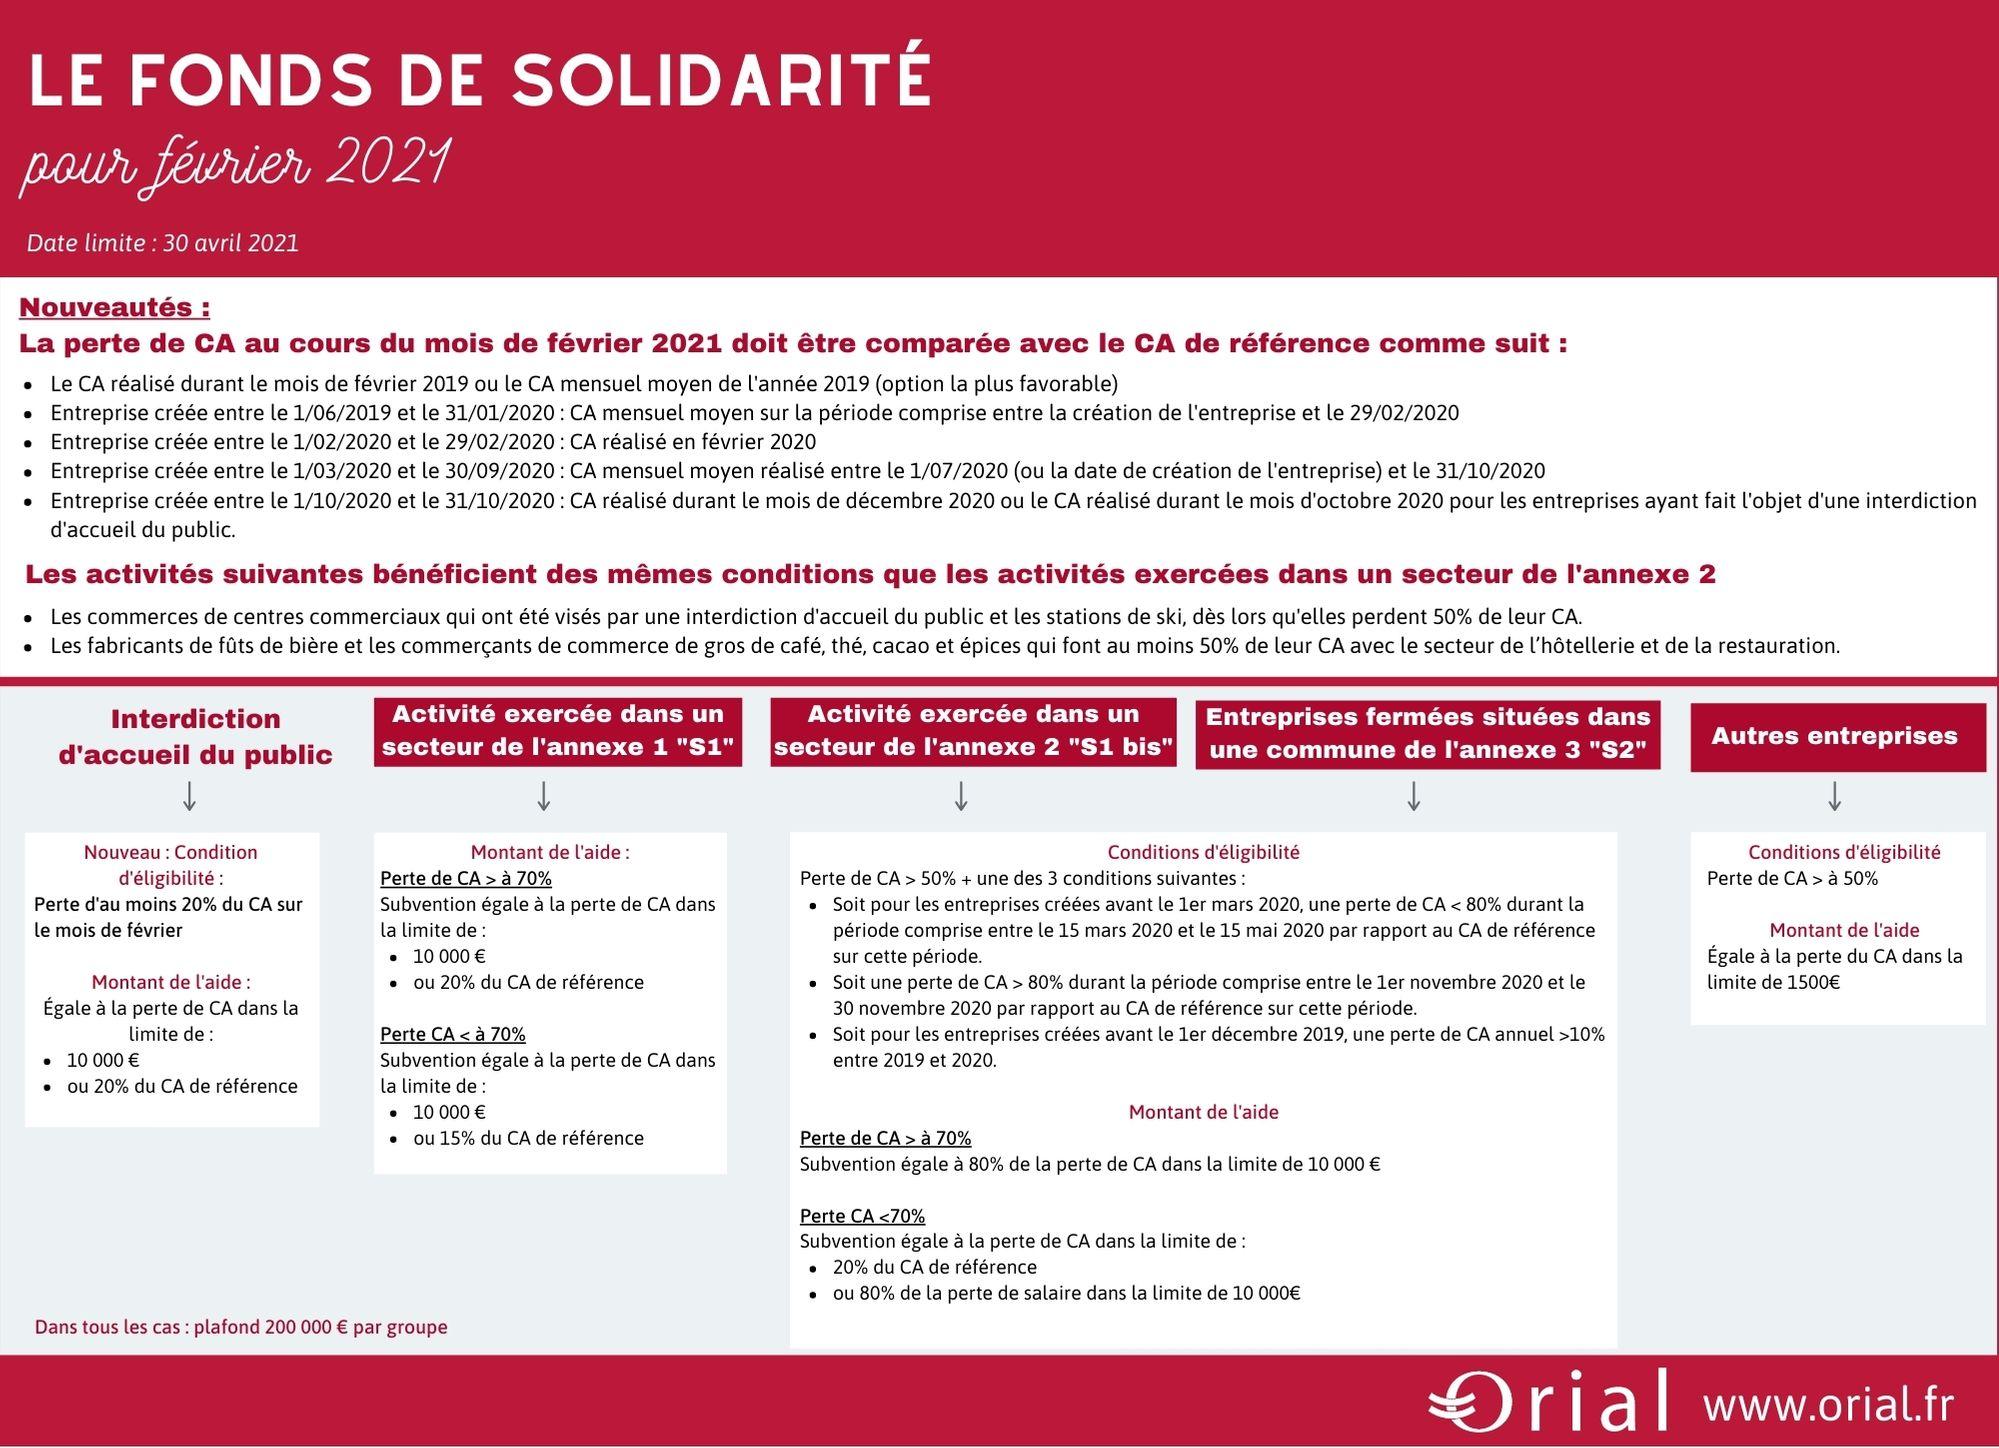 Fonds de solidarité février 2021 covid19